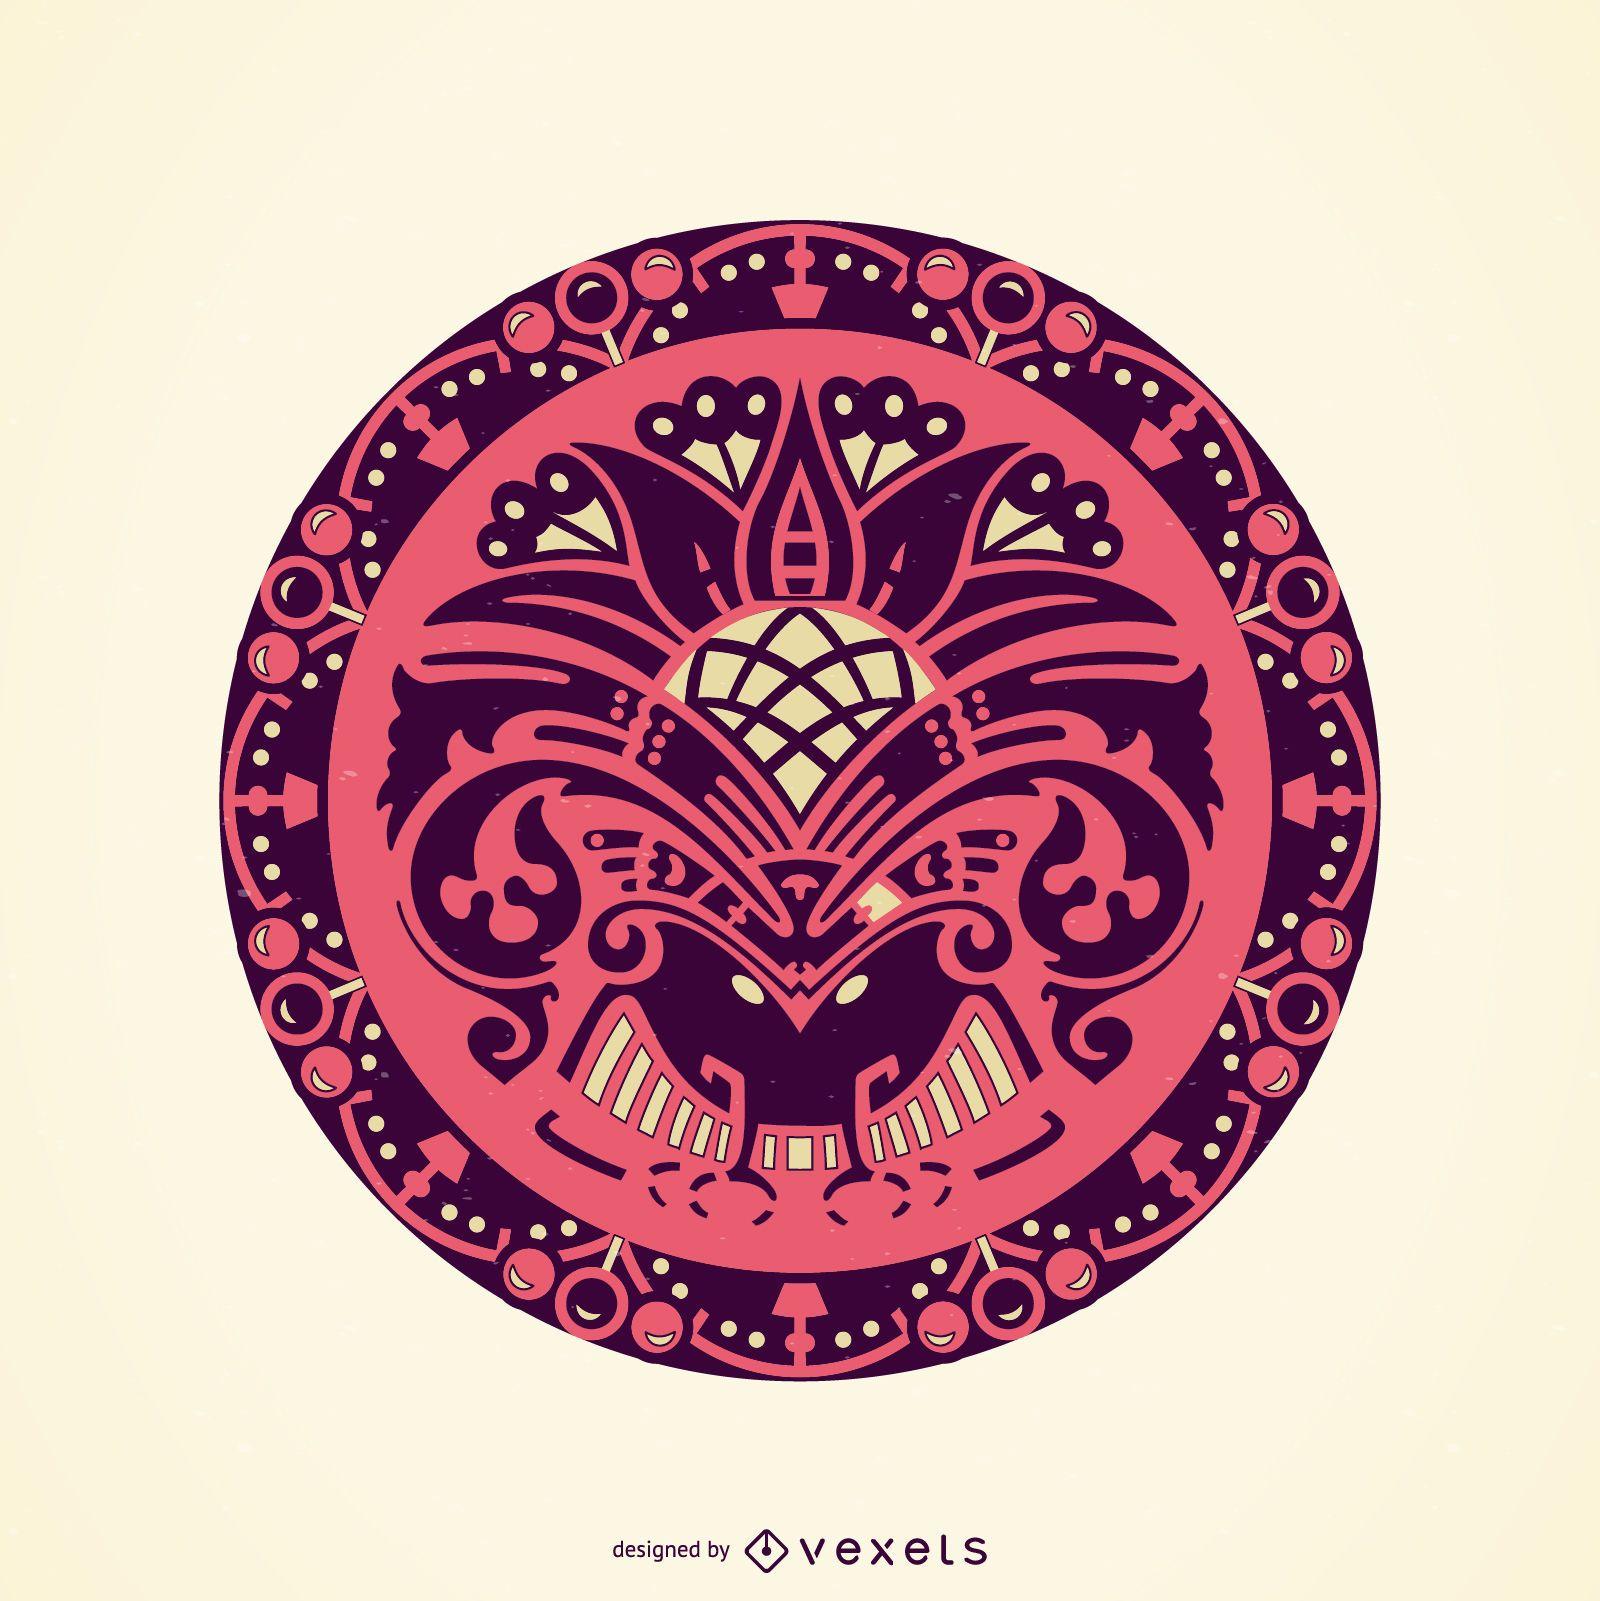 Adorno decorativo circular